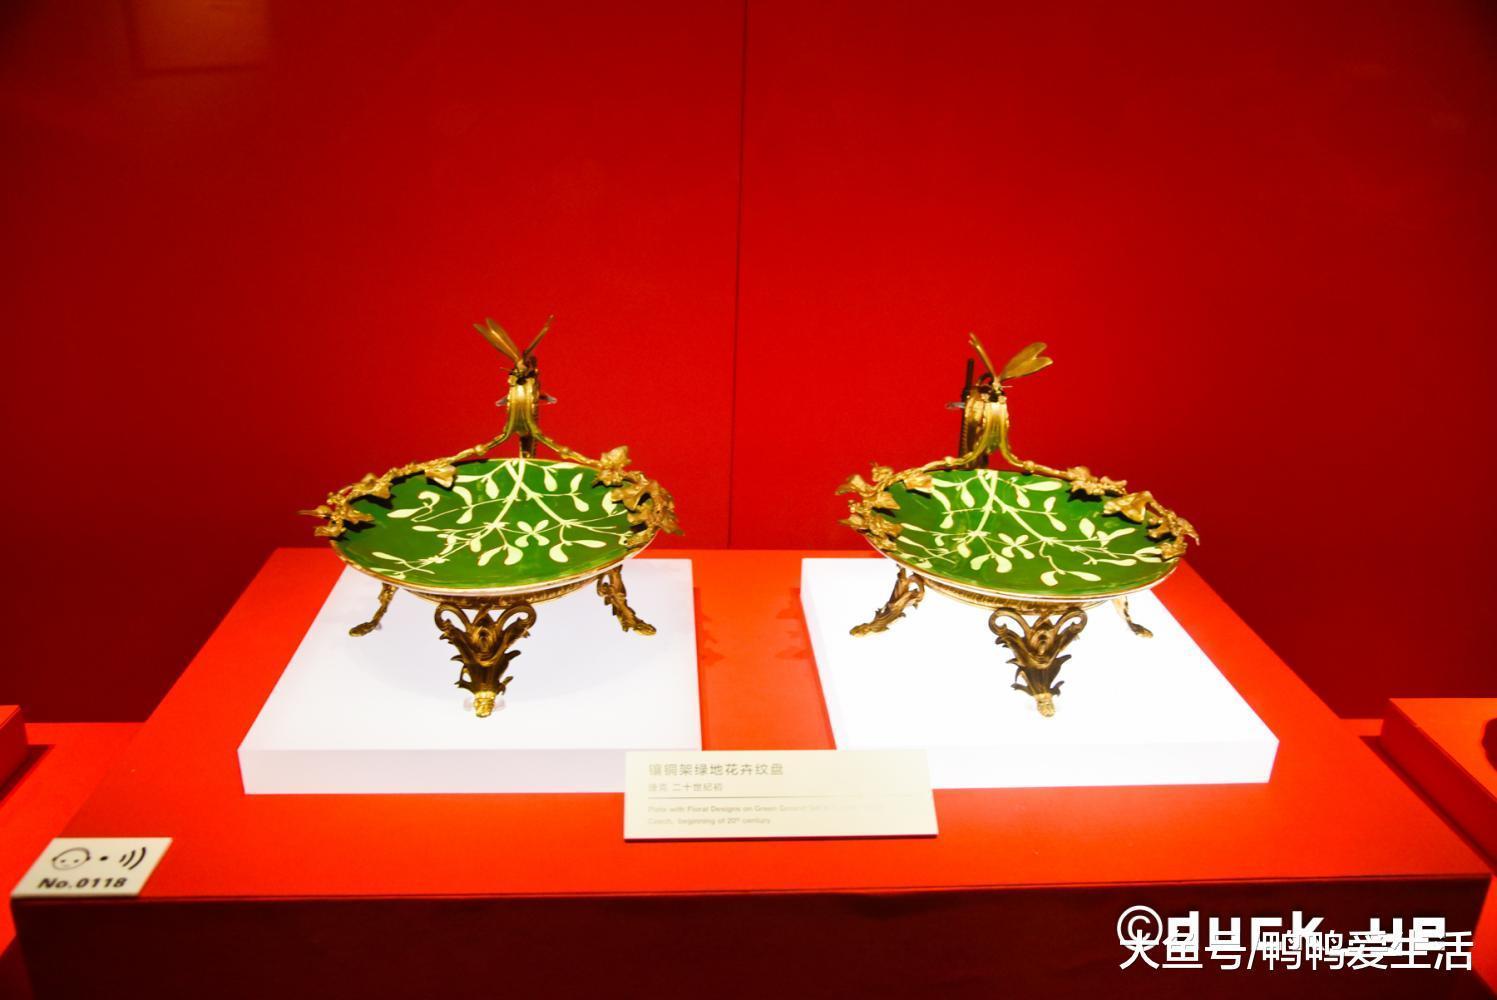 鼓浪屿居然藏着一个故宫博物院, 本地人都不定找得到